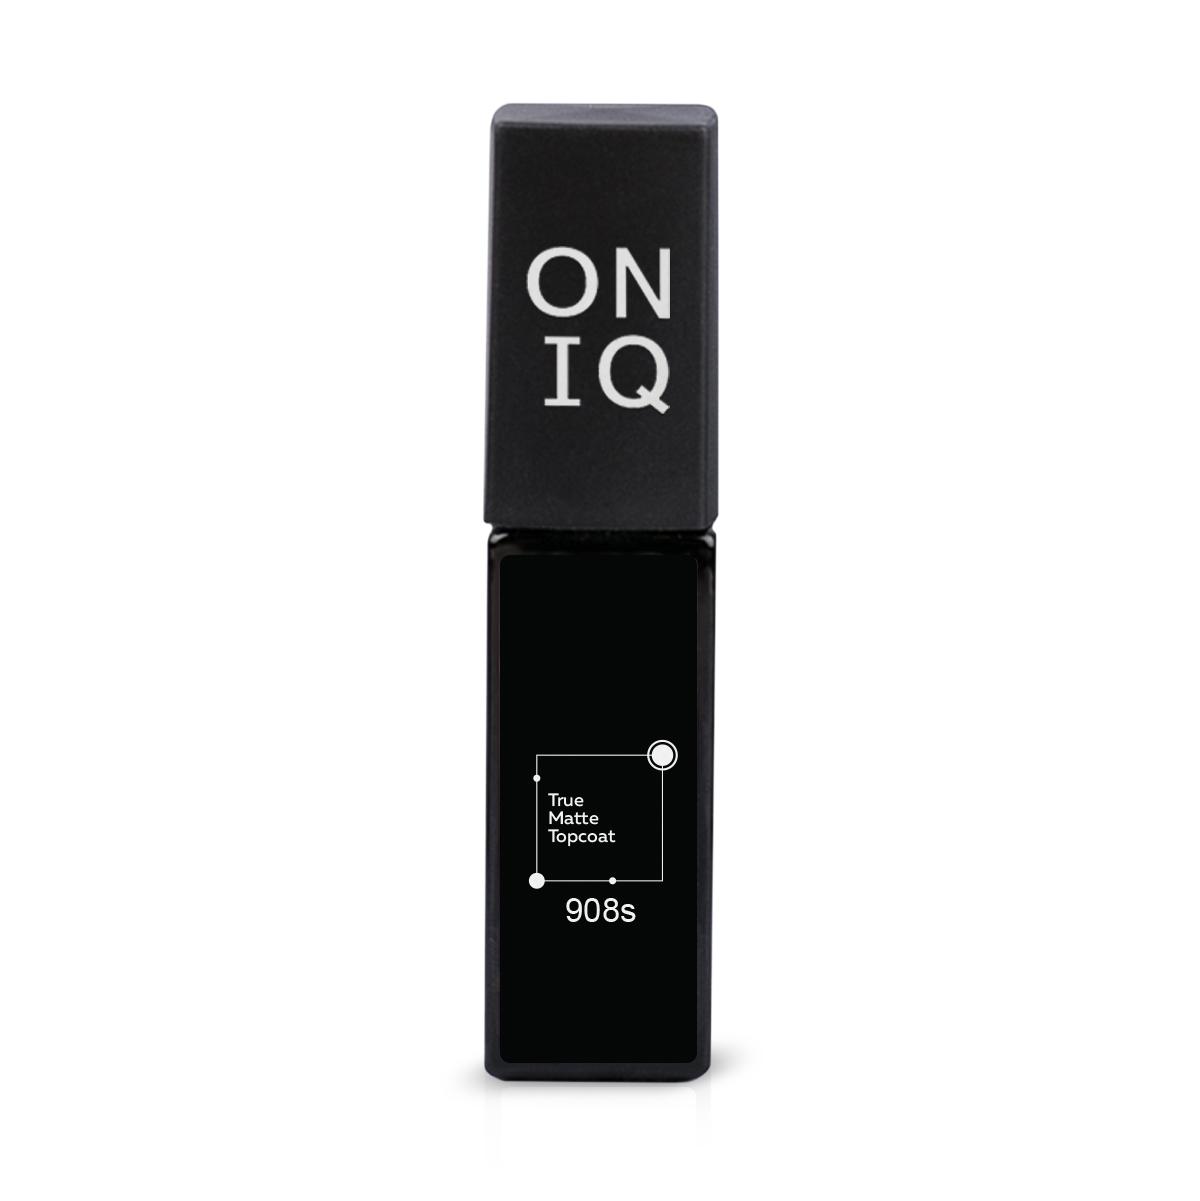 ONIQ Покрытие финишное с матовым эффектом 6 мл - Верхние покрытия